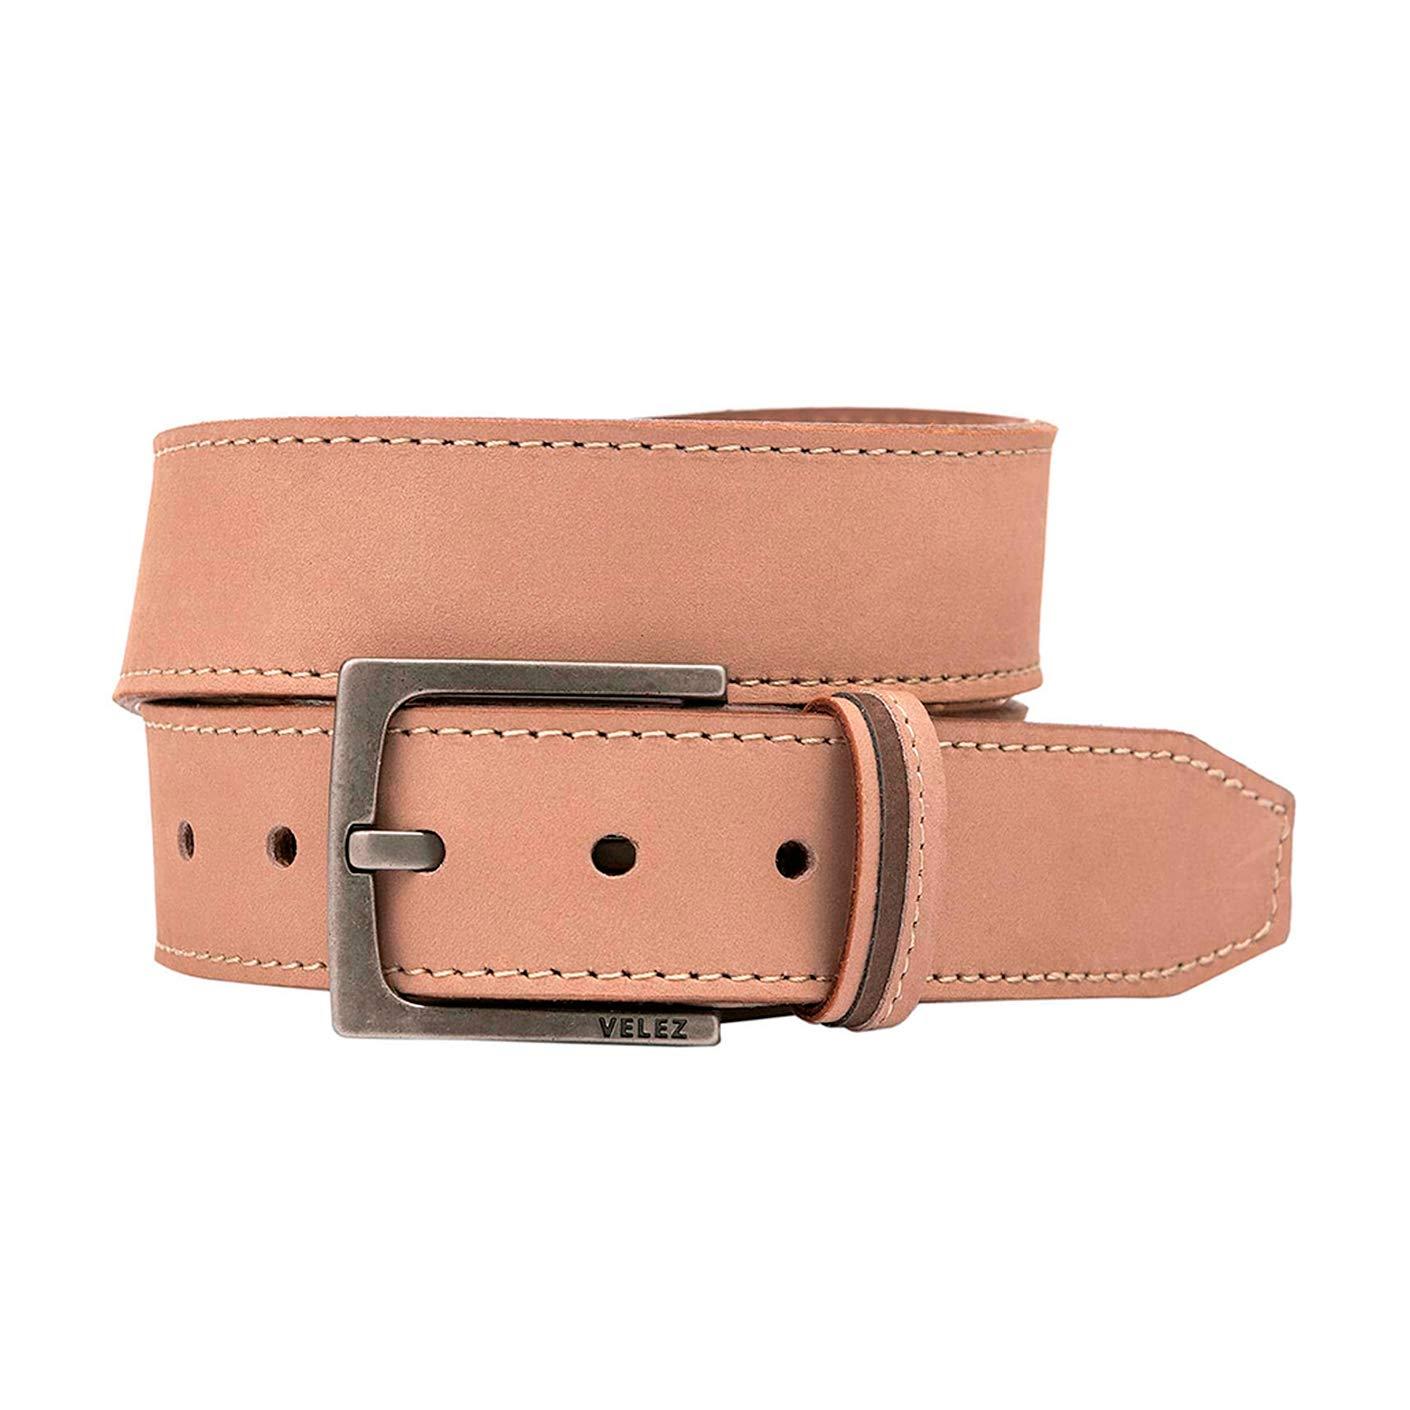 VÉLEZ Genuine Leather Belts For Men | Cinturones Cuero De Hombre at Amazon Mens Clothing store: